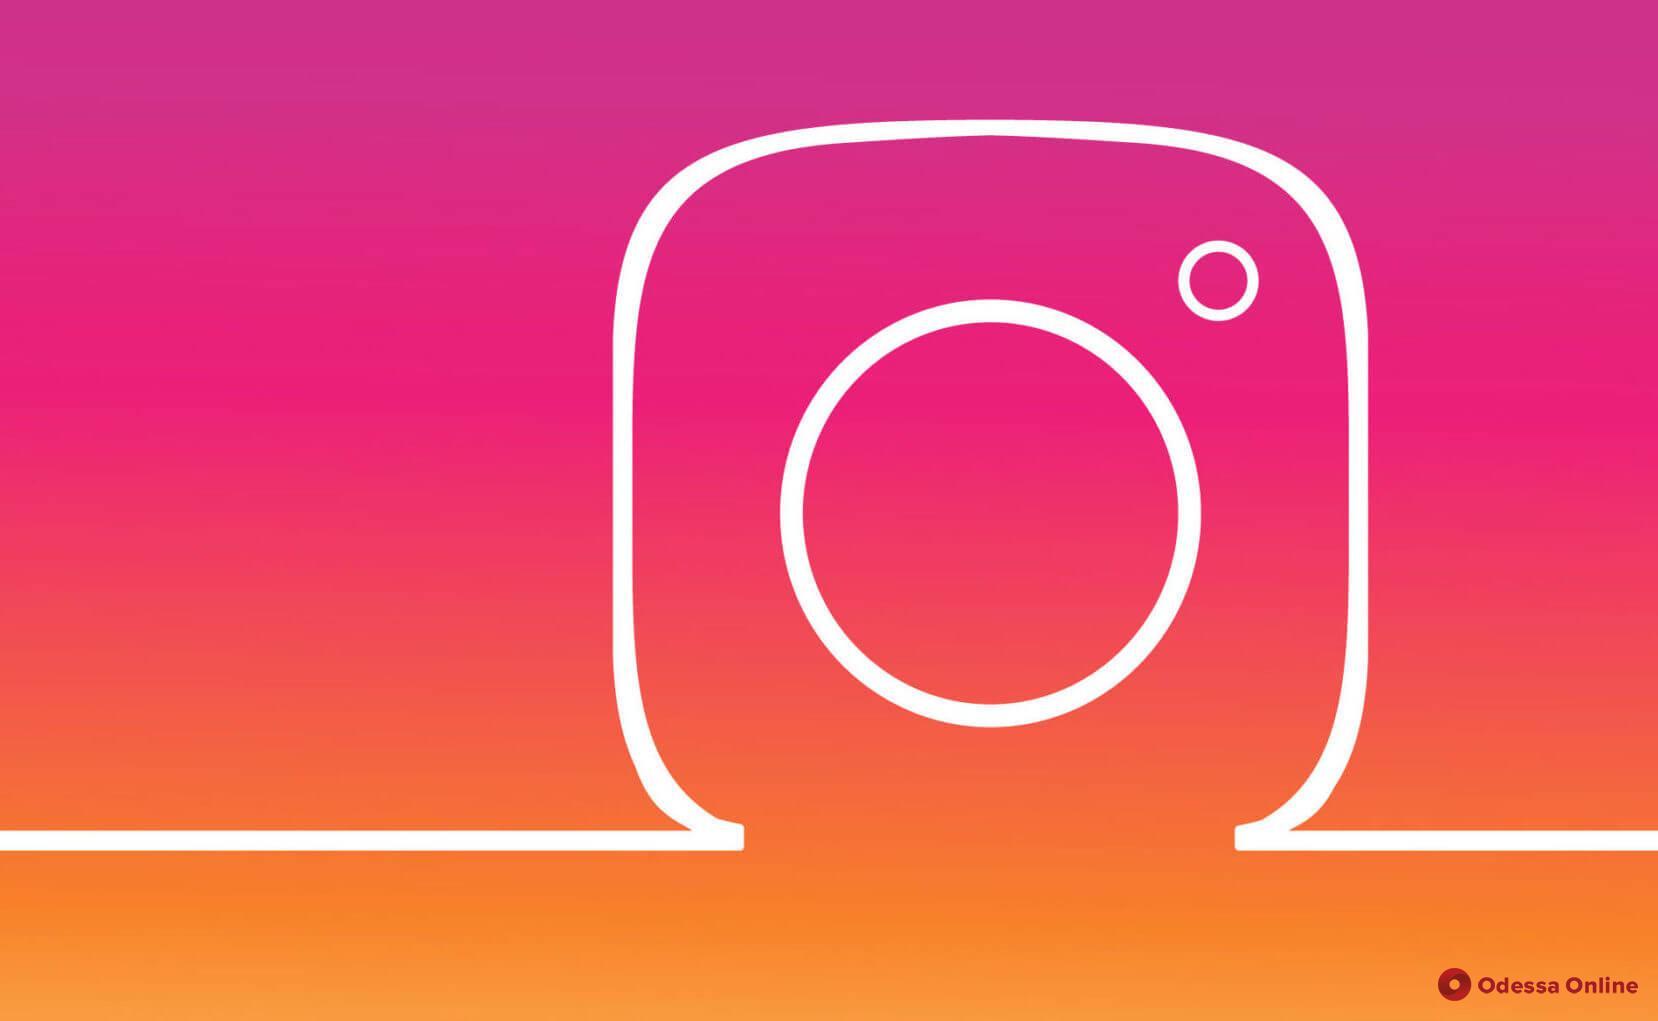 Защита подростков: в Instagram аккаунты пользователей до 16 лет будут приватными